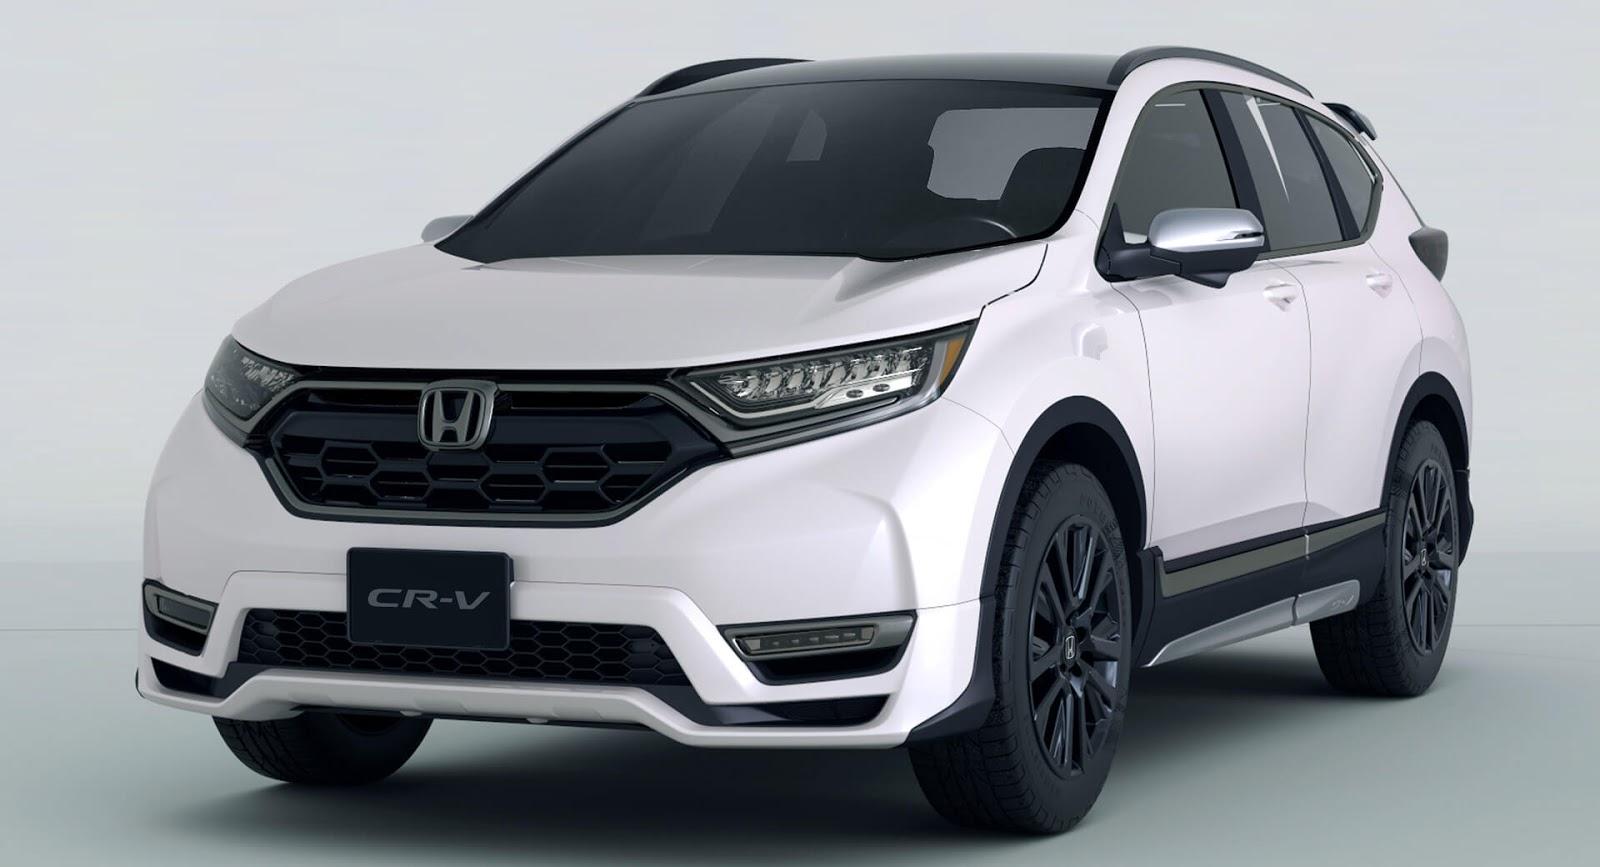 Спортивный кроссовер CR-V Custom Concept представит Хонда вТокио